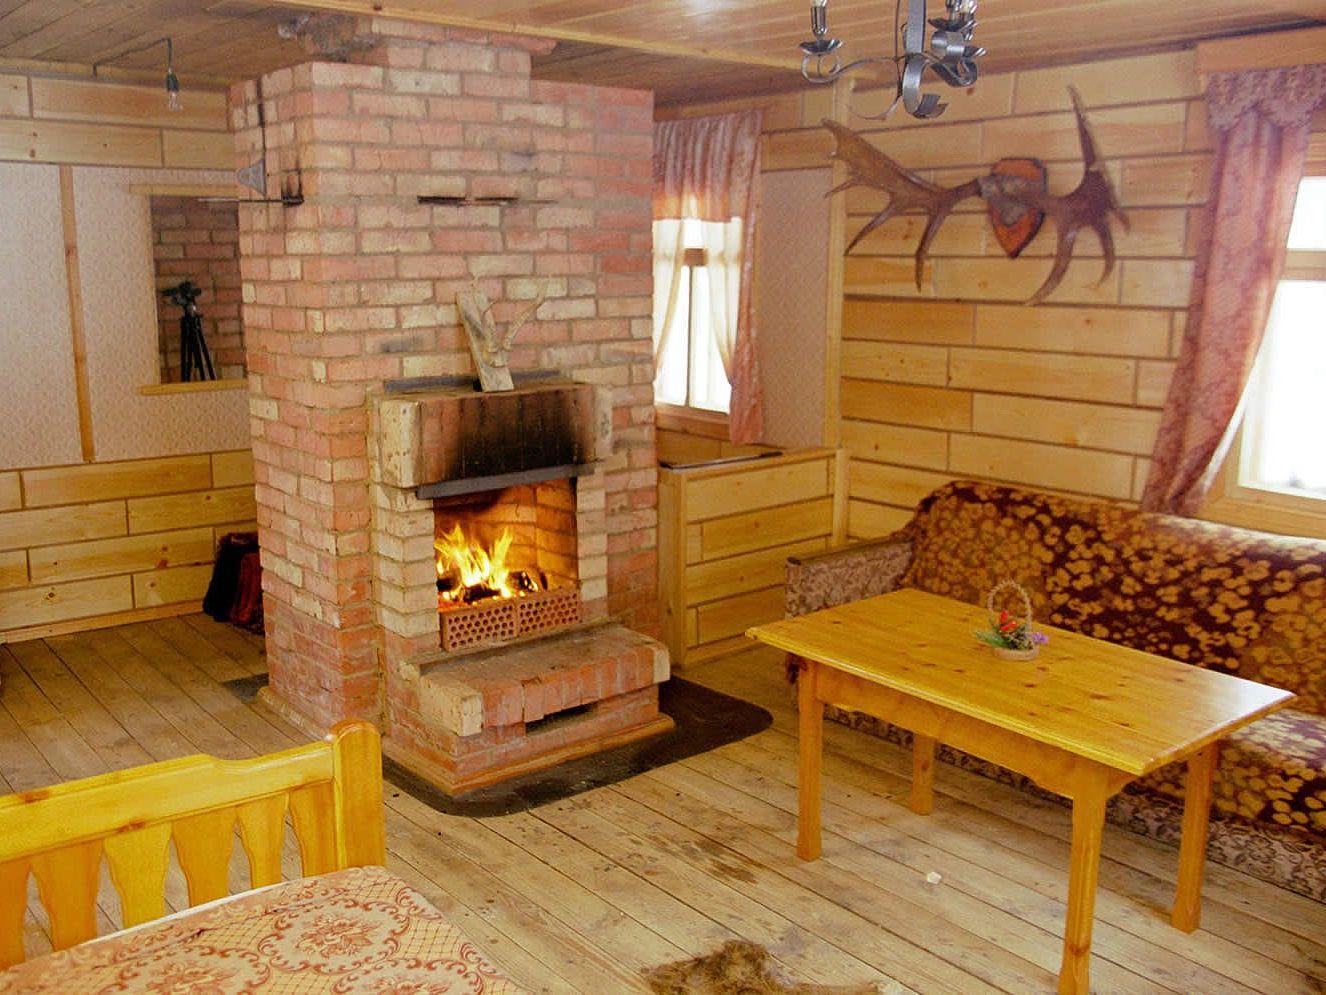 Изготовление огнеупорного кирпича в домашних уловиях